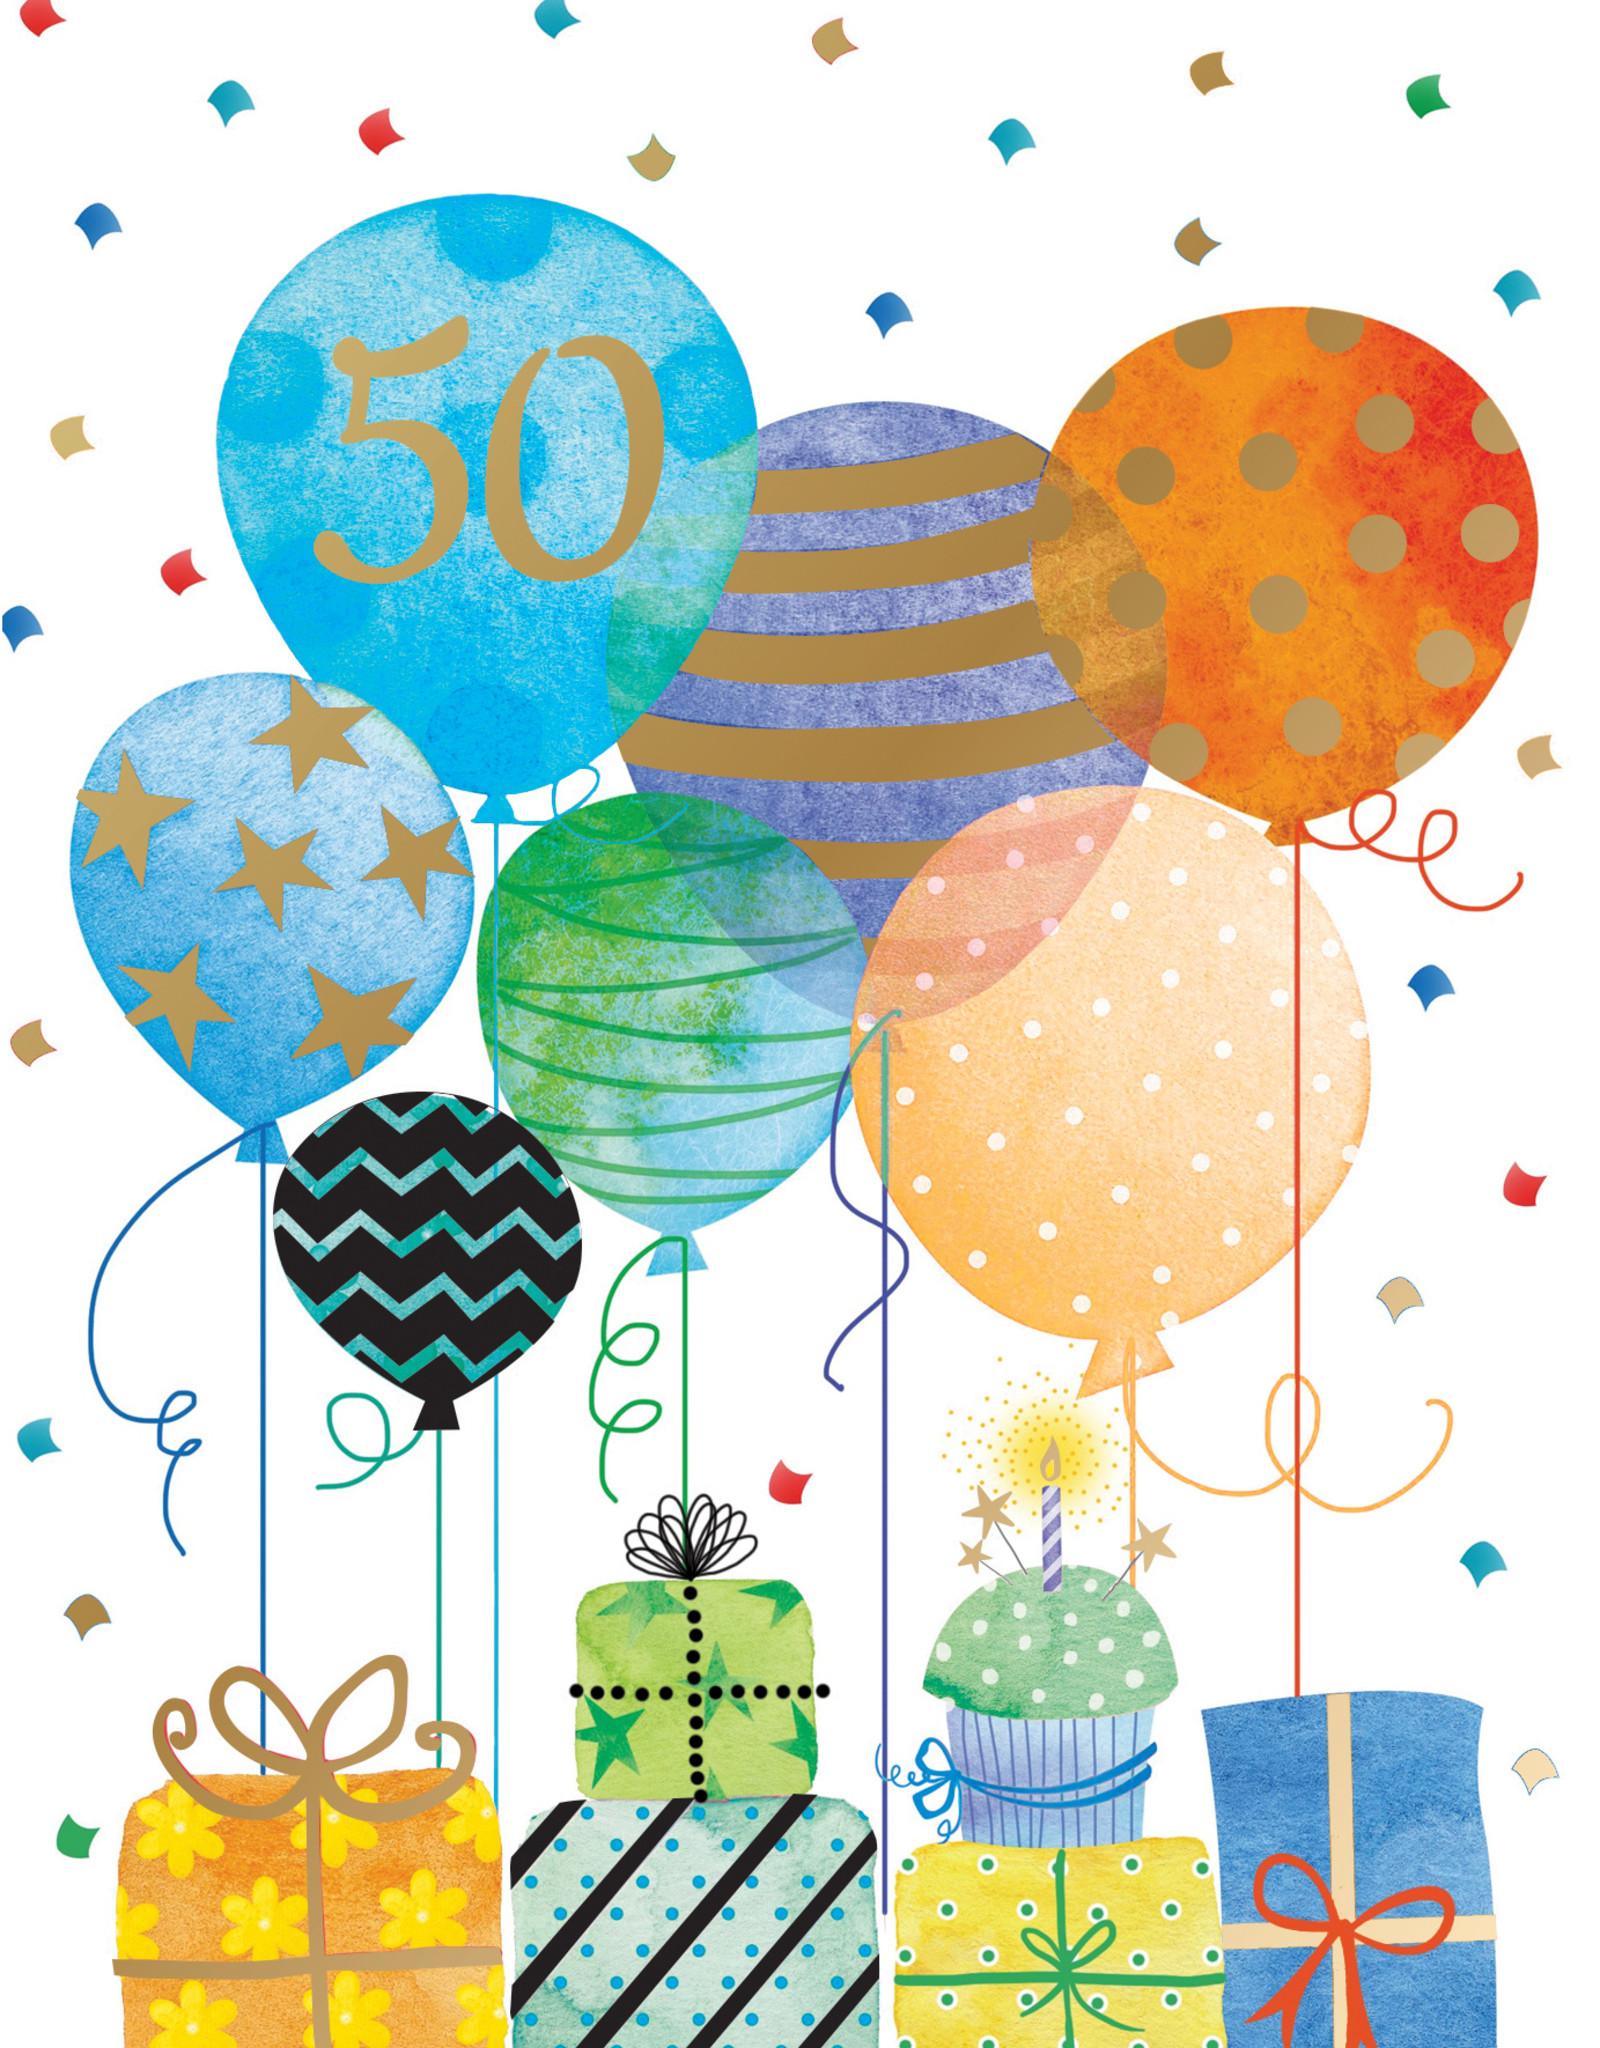 Pictura Pictura - 50th Birthday Card 60940